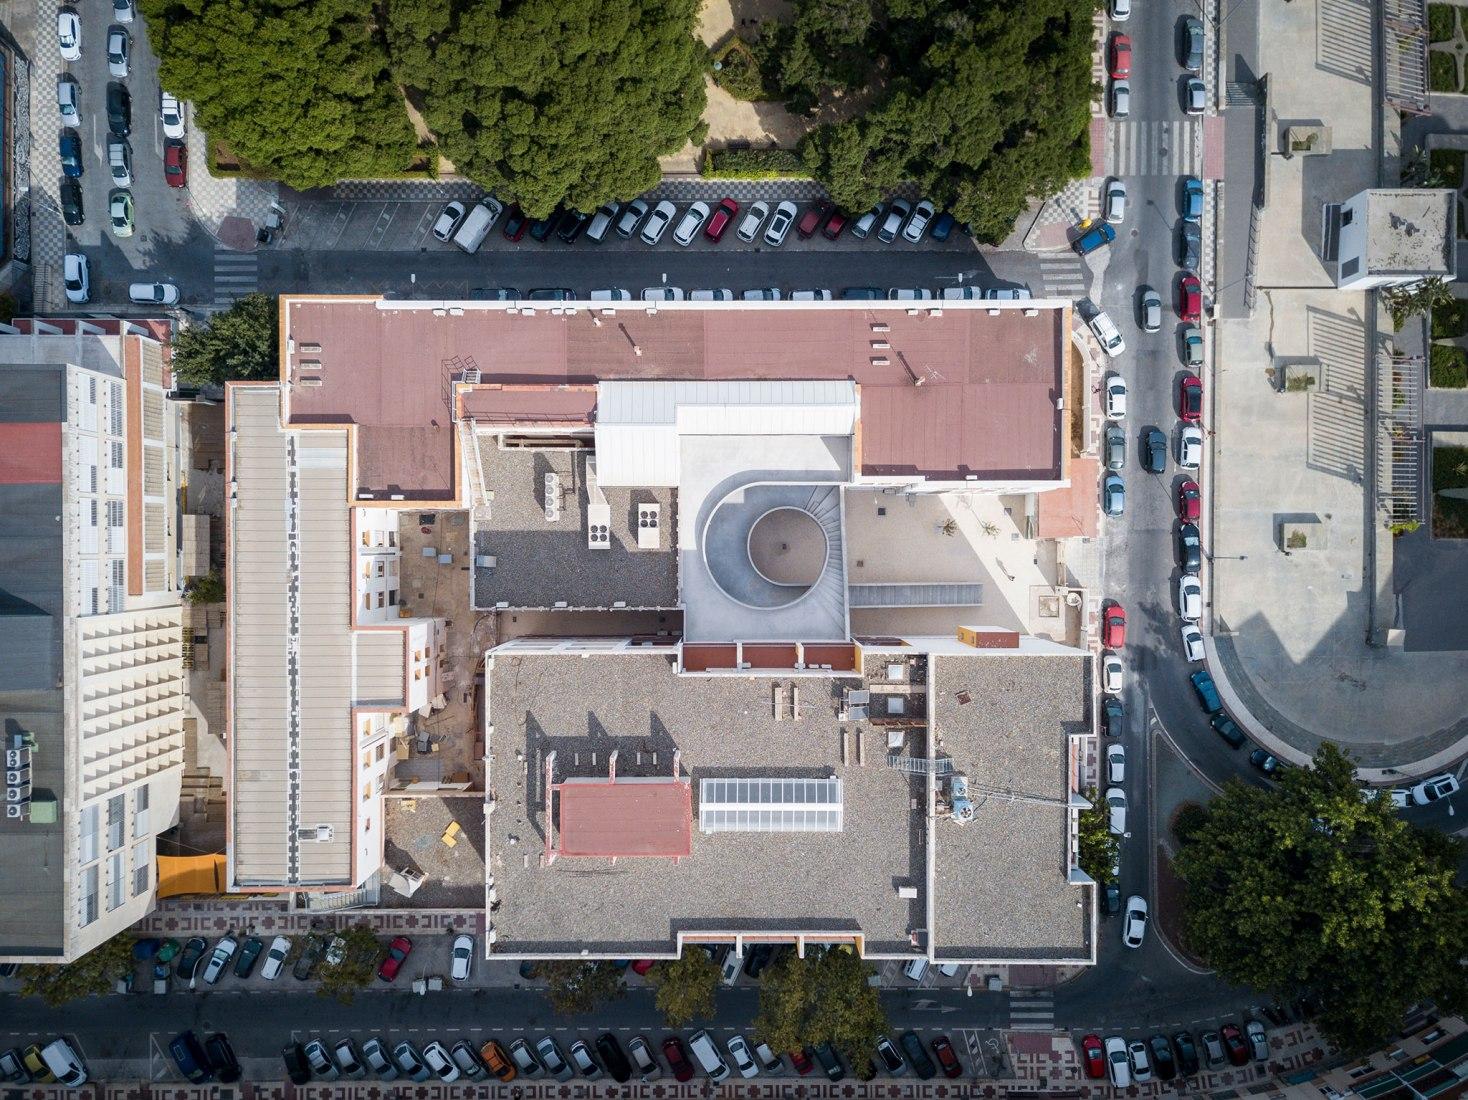 Revolución en el patio por DJarquitectura. Fotografía por Jesus Granada, Nicolás Díaz y DJarquitectura